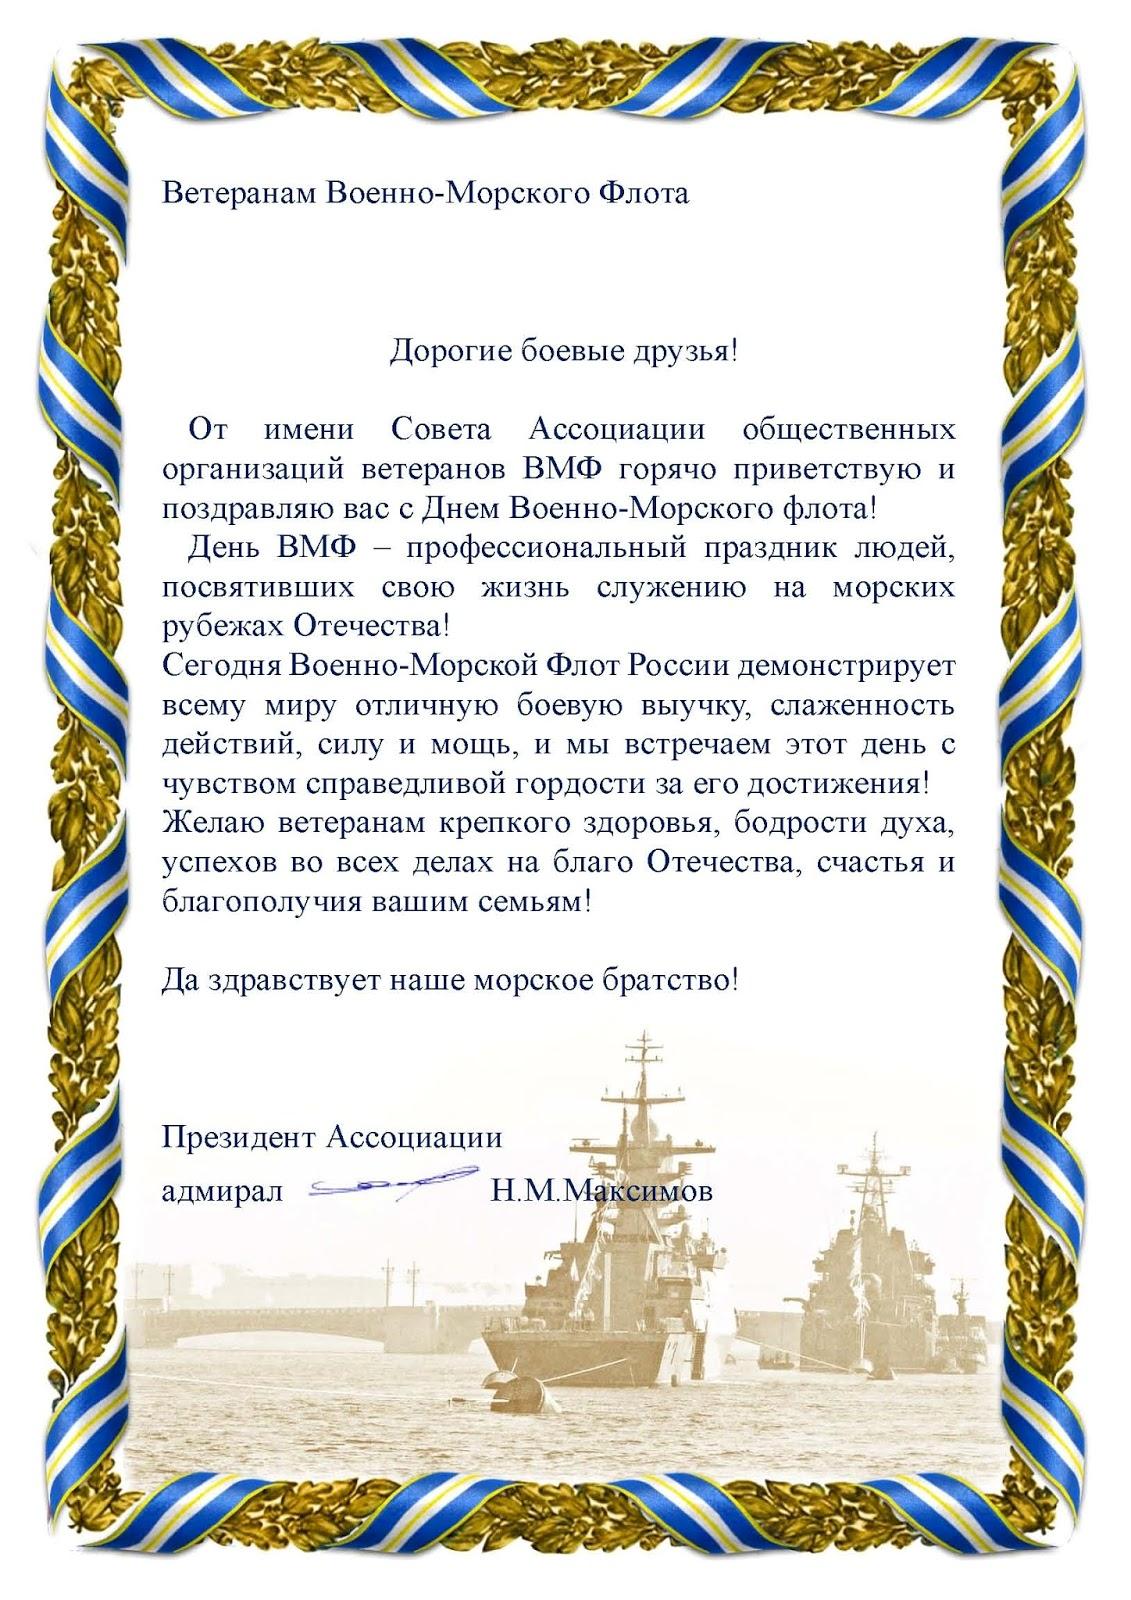 Поздравление с днем морского флота в прозе